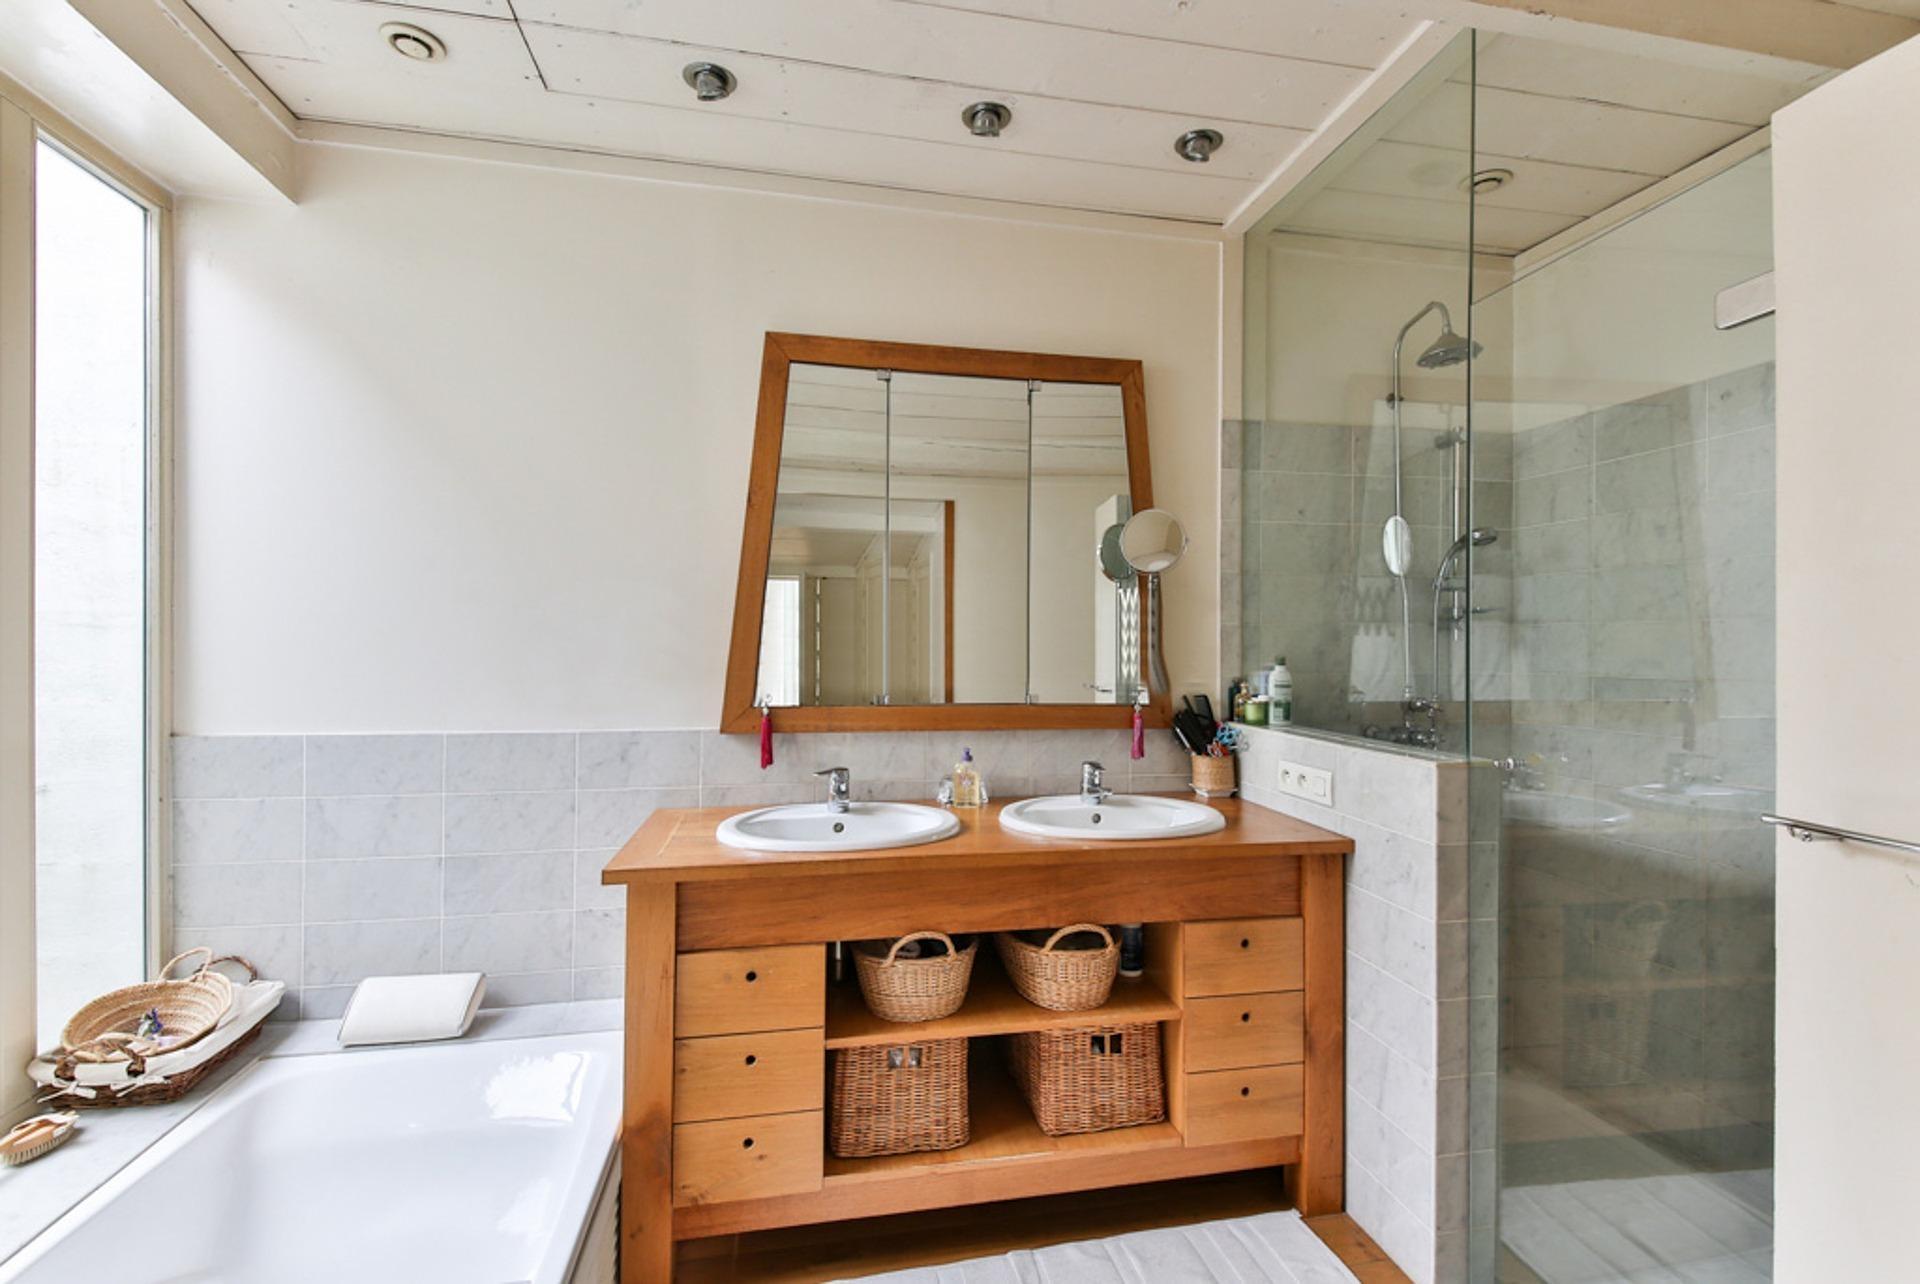 Kylpyhuoneen haju pois